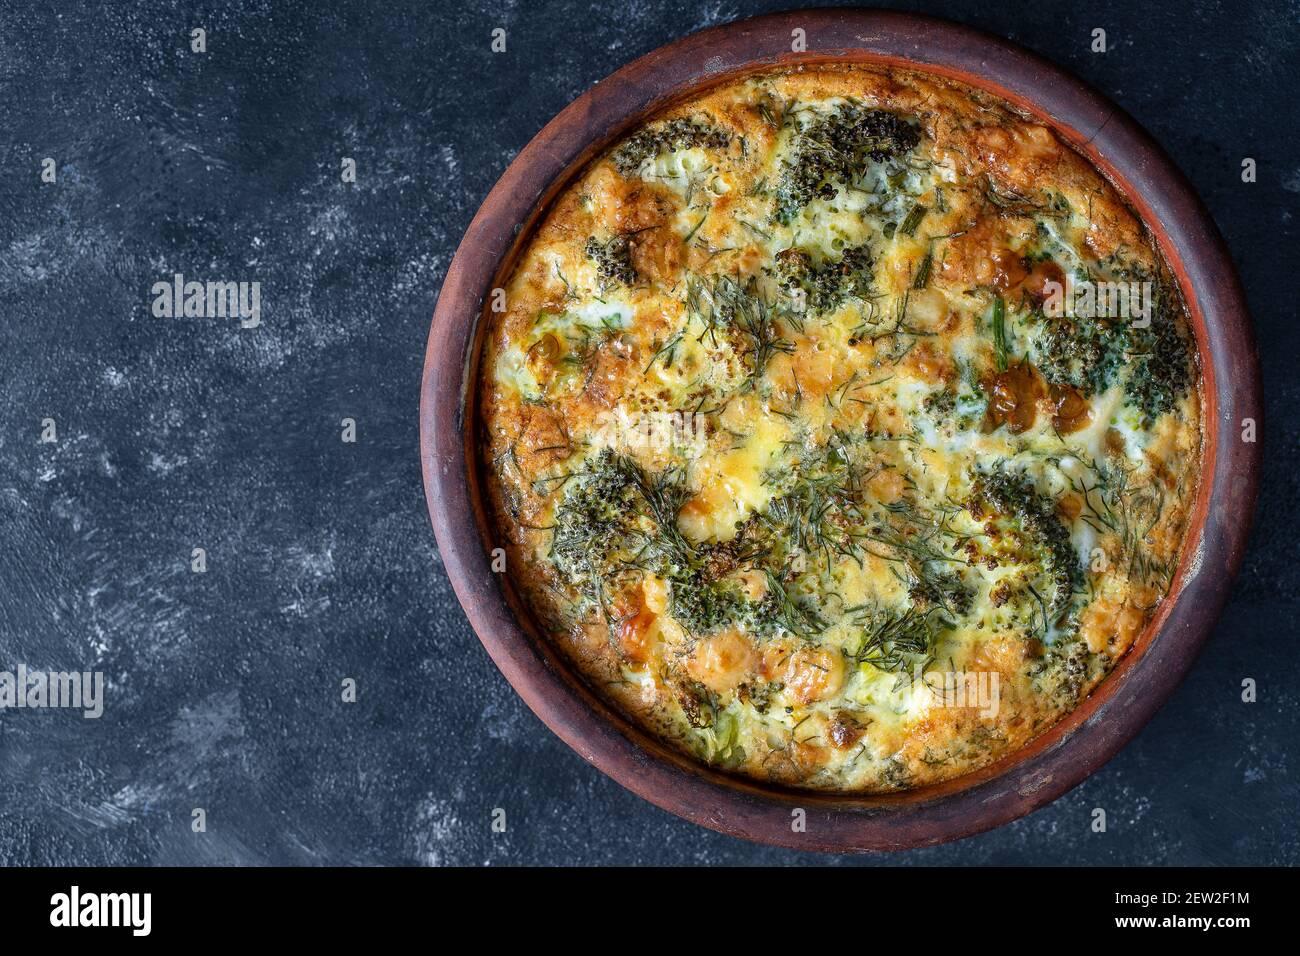 Cuenco de cerámica con frittata vegetal, comida vegetariana simple. Frittata con huevo, pimienta, cebolla, brócoli y queso sobre mesa de madera, primer plano. Italiano Foto de stock